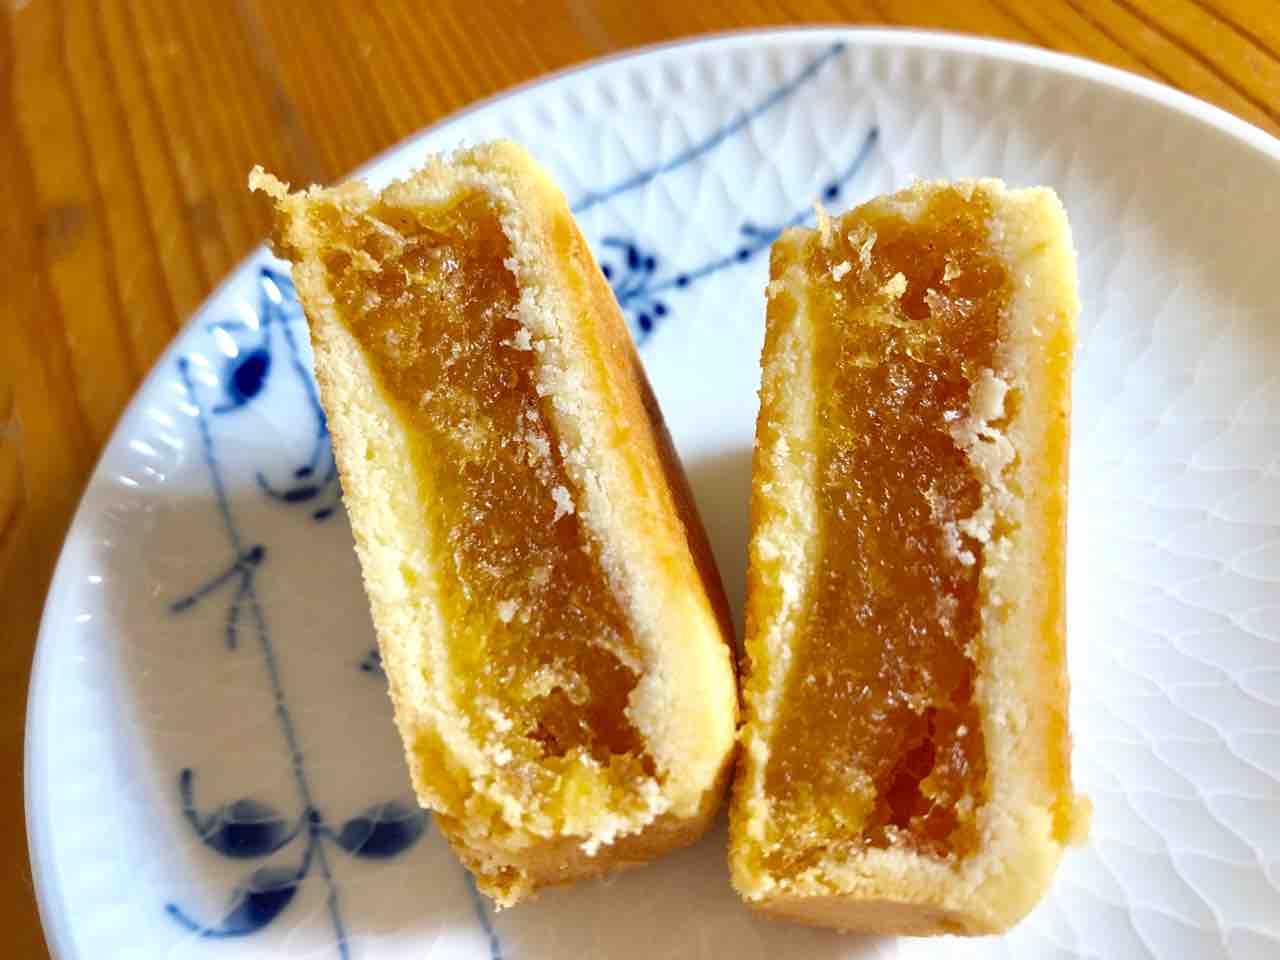 鼎泰豊 パイナップルケーキ